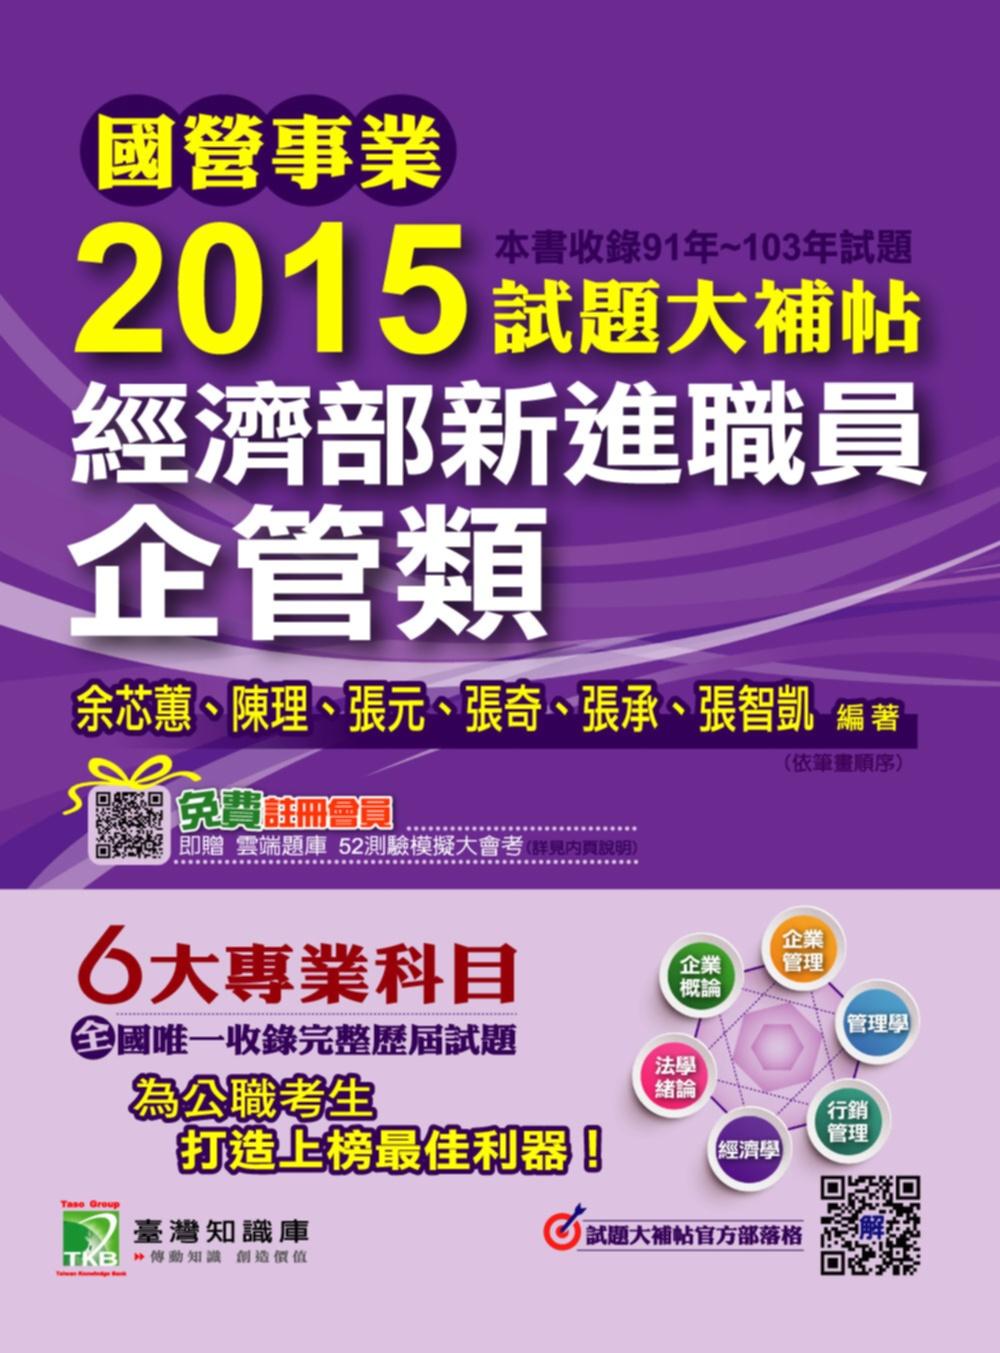 國營事業2015試題大補帖經濟部新進職員【企管類】(91-103年試題)